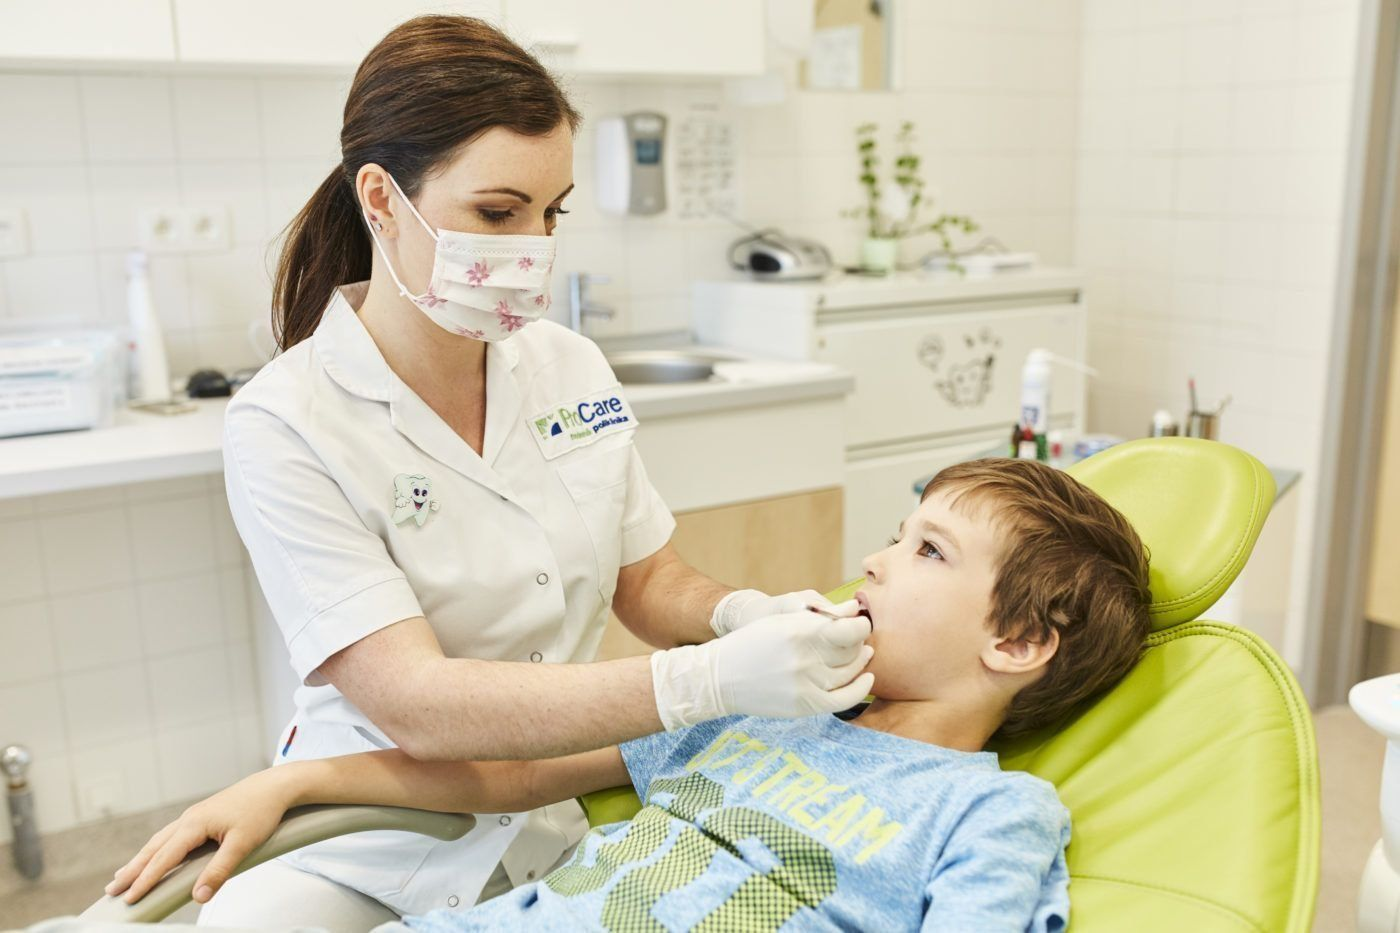 Лучшие платные стоматологические клиники для детей в Омске в 2021 году